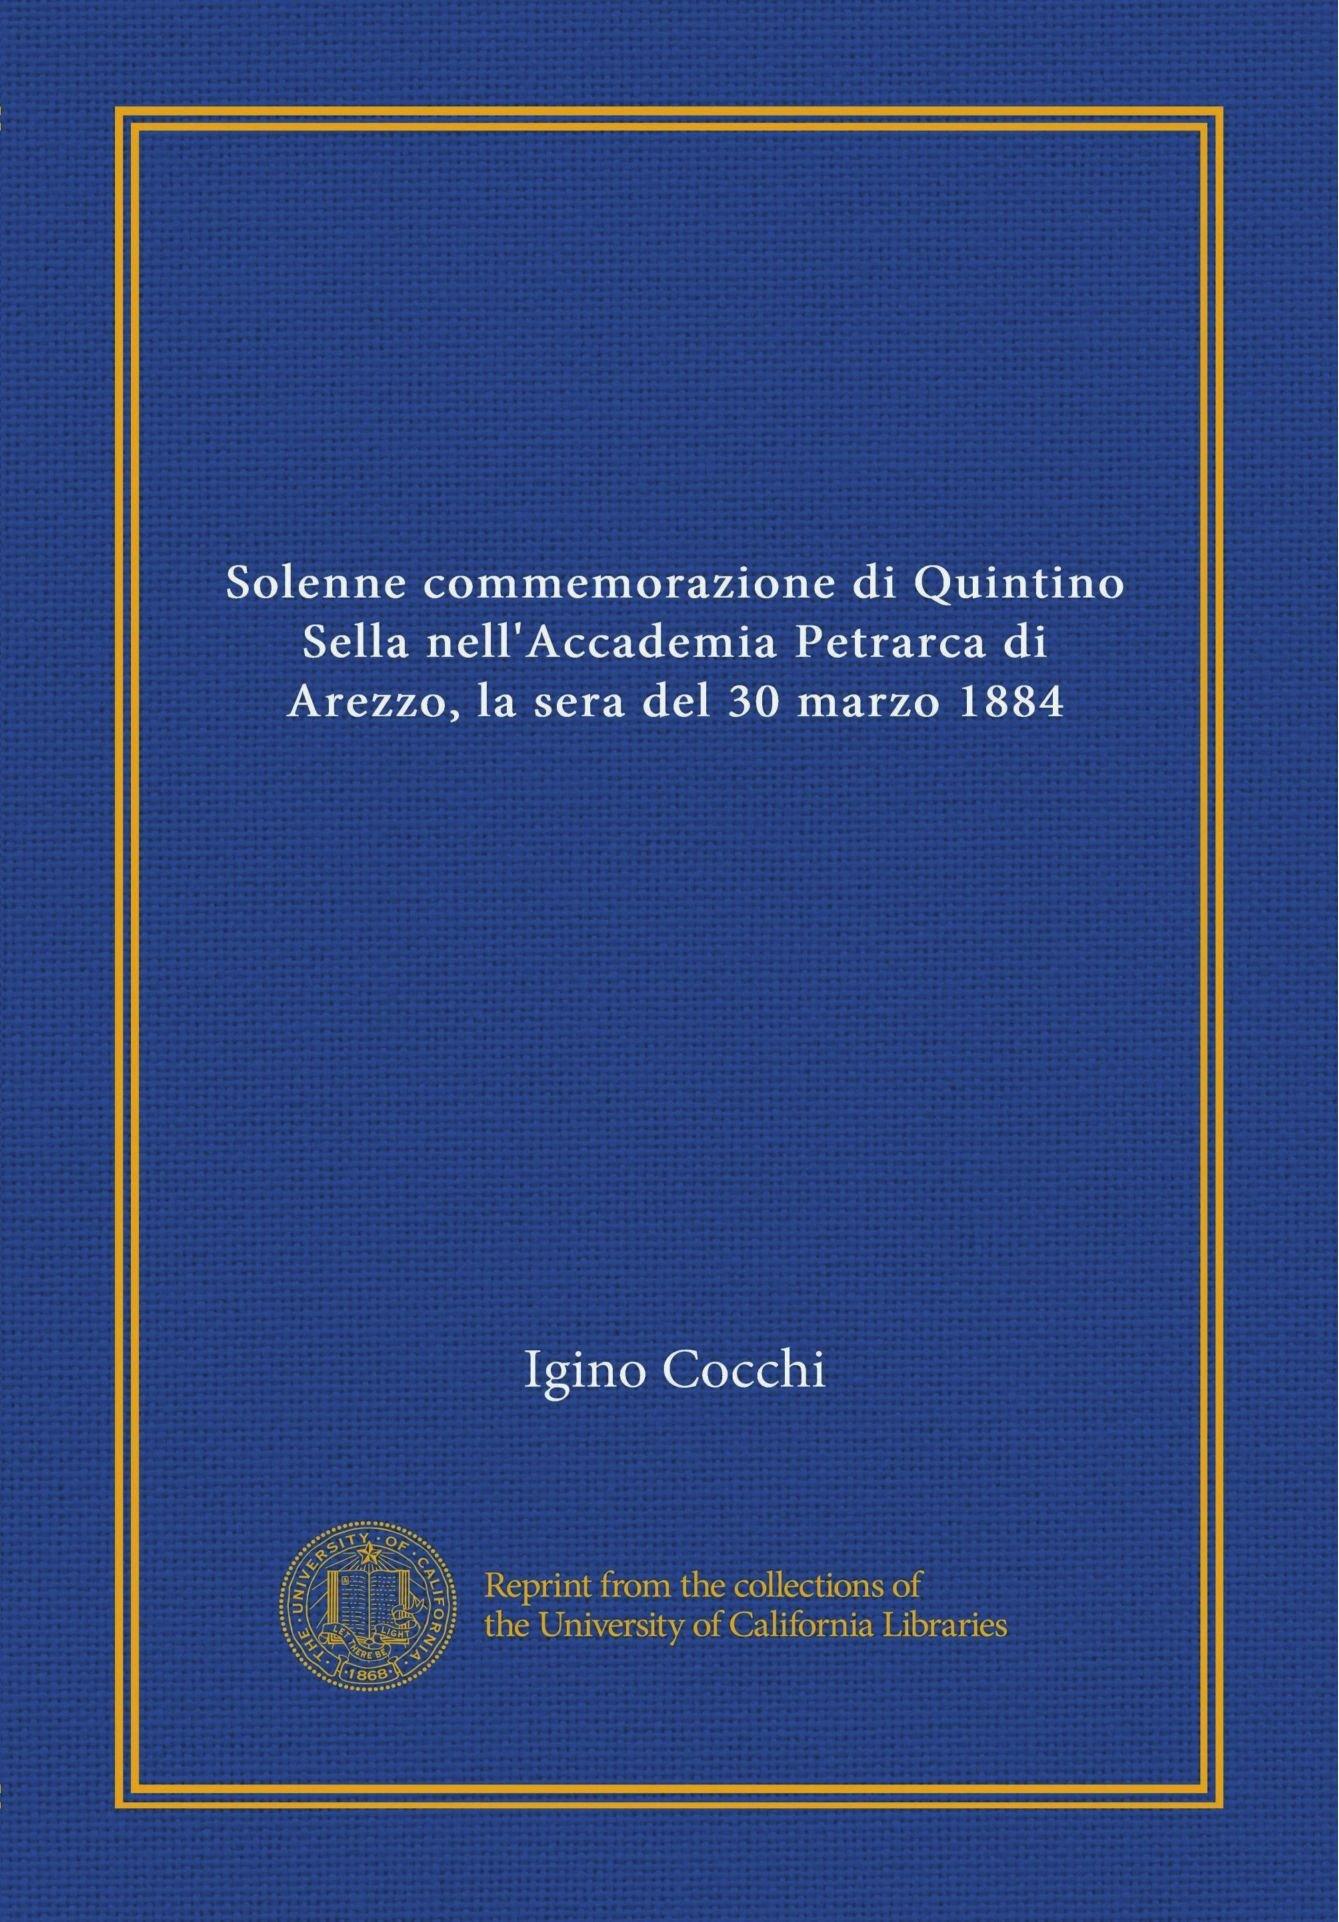 Read Online Solenne commemorazione di Quintino Sella nell'Accademia Petrarca di Arezzo, la sera del 30 marzo 1884 (Vol-1) (Italian Edition) PDF